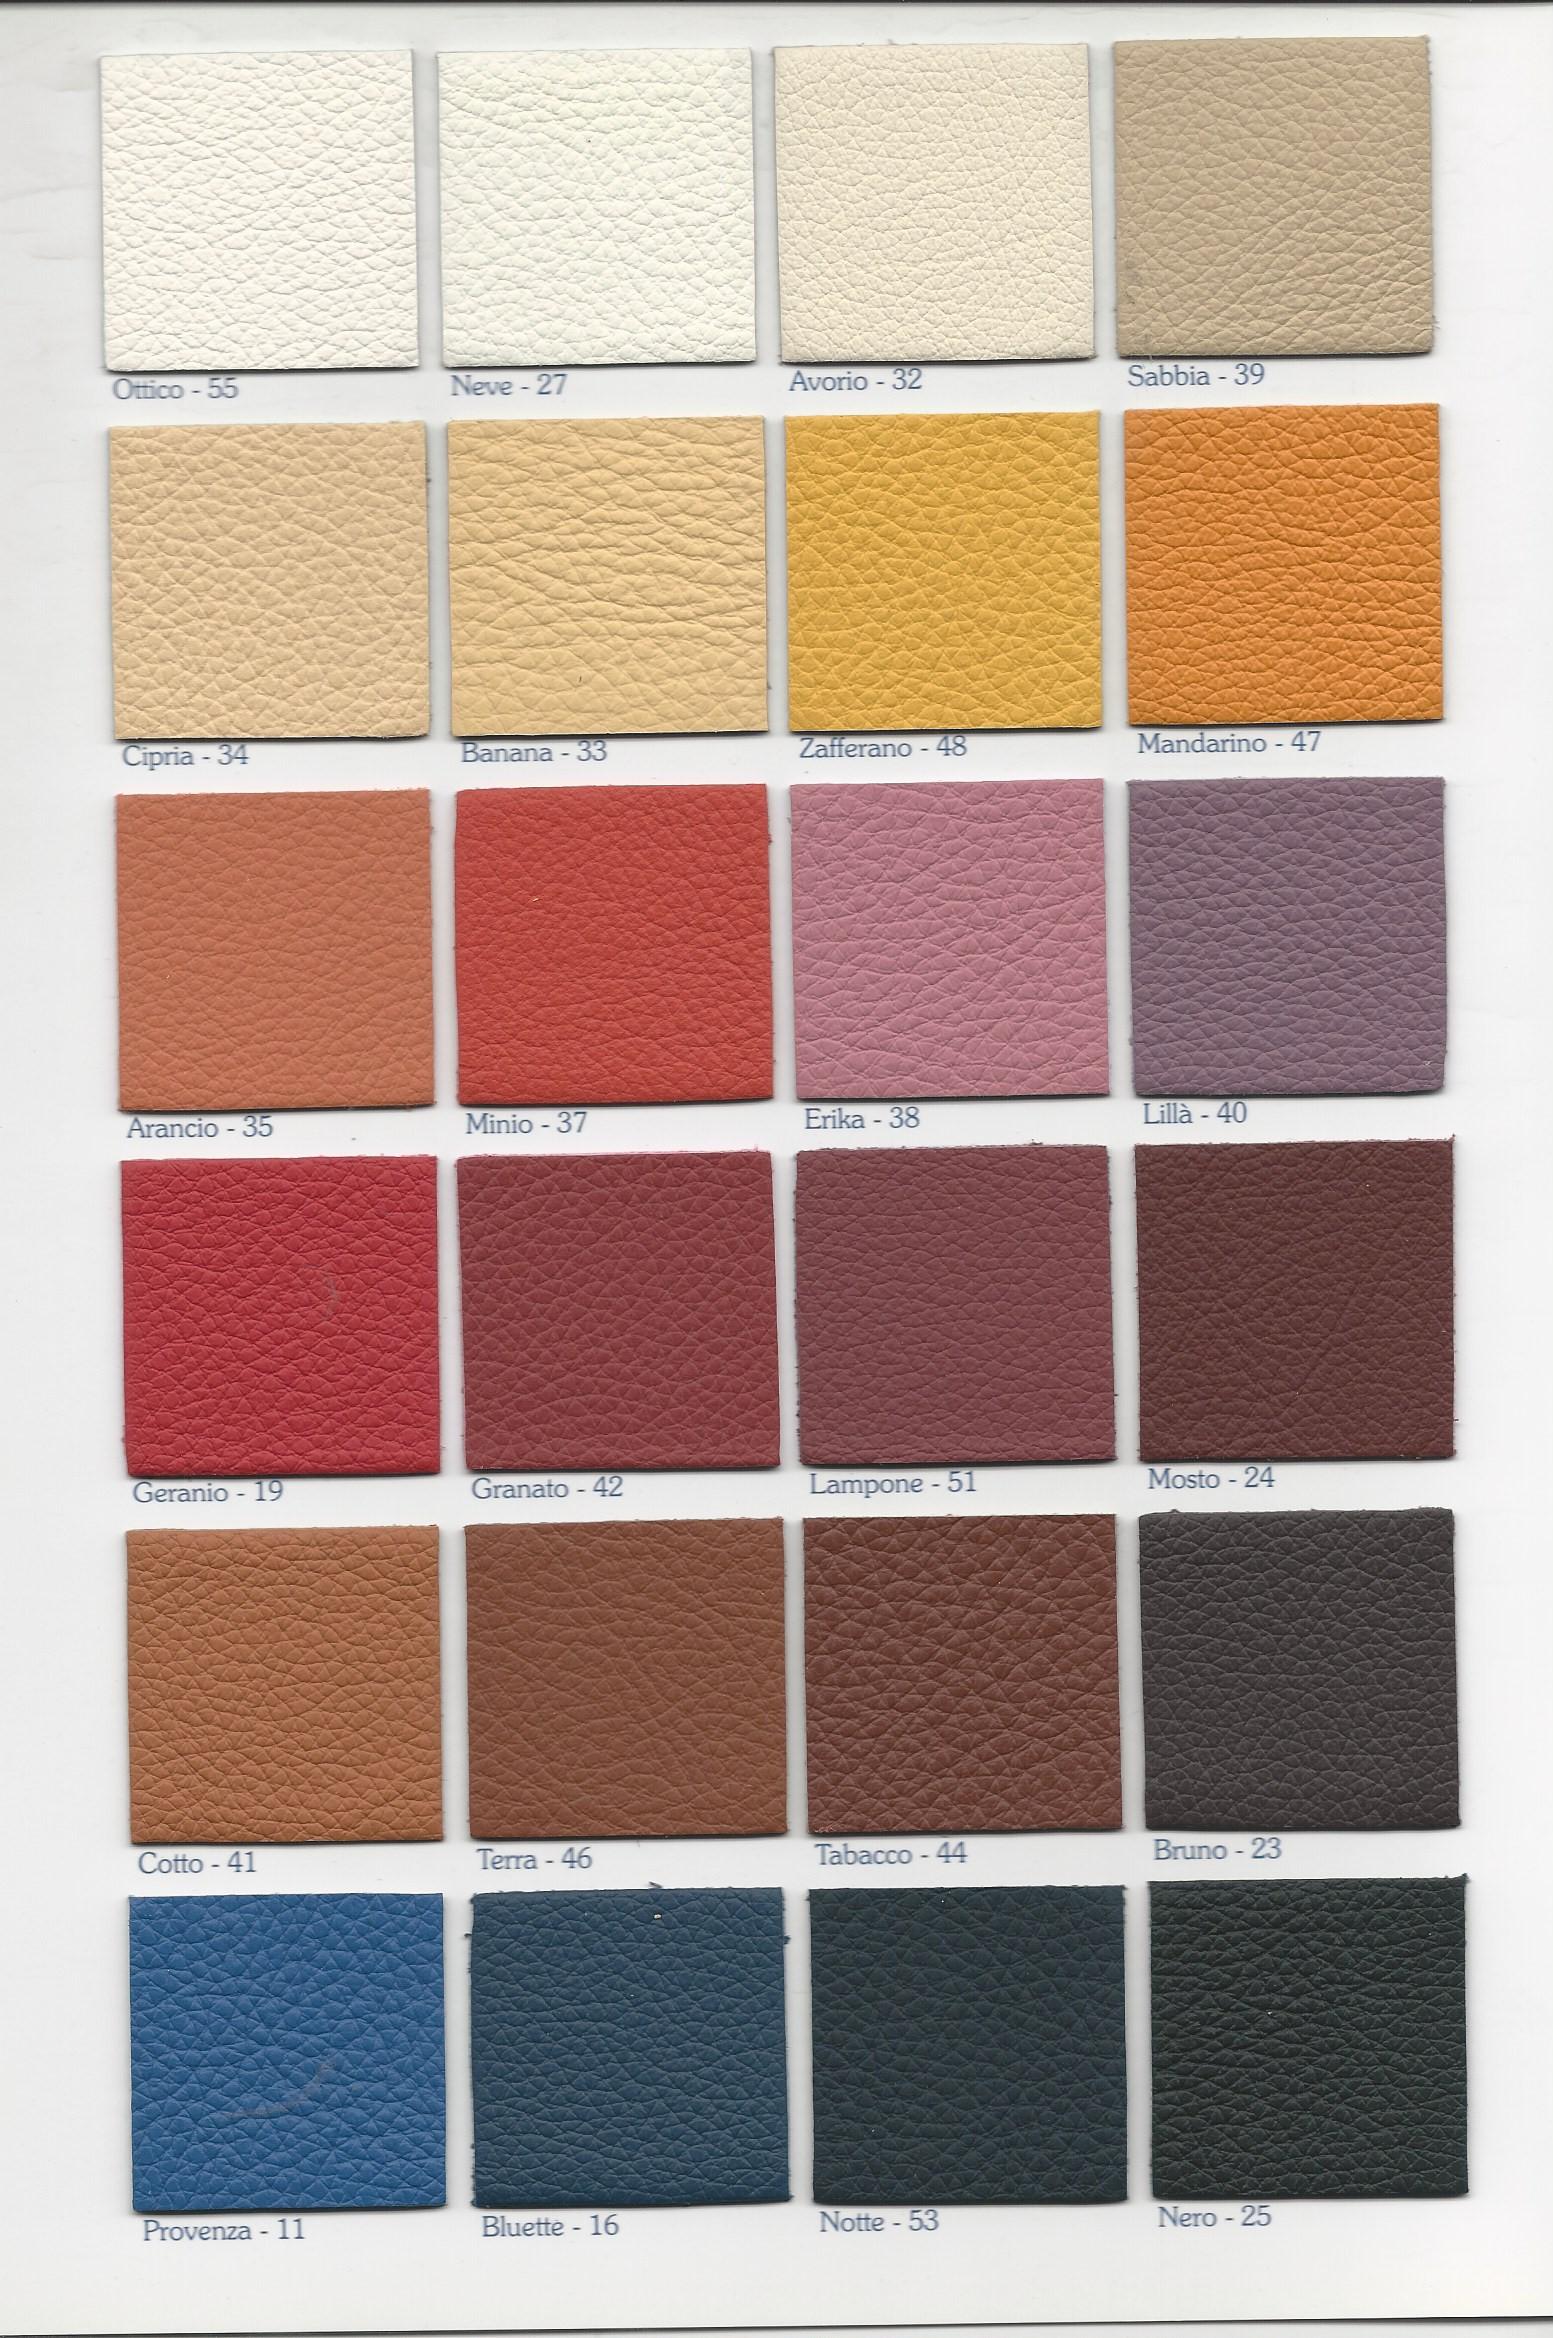 Pelle Per Arredamento.Bgv Torino Cartella Colori Pelle Arredamento Zefiro